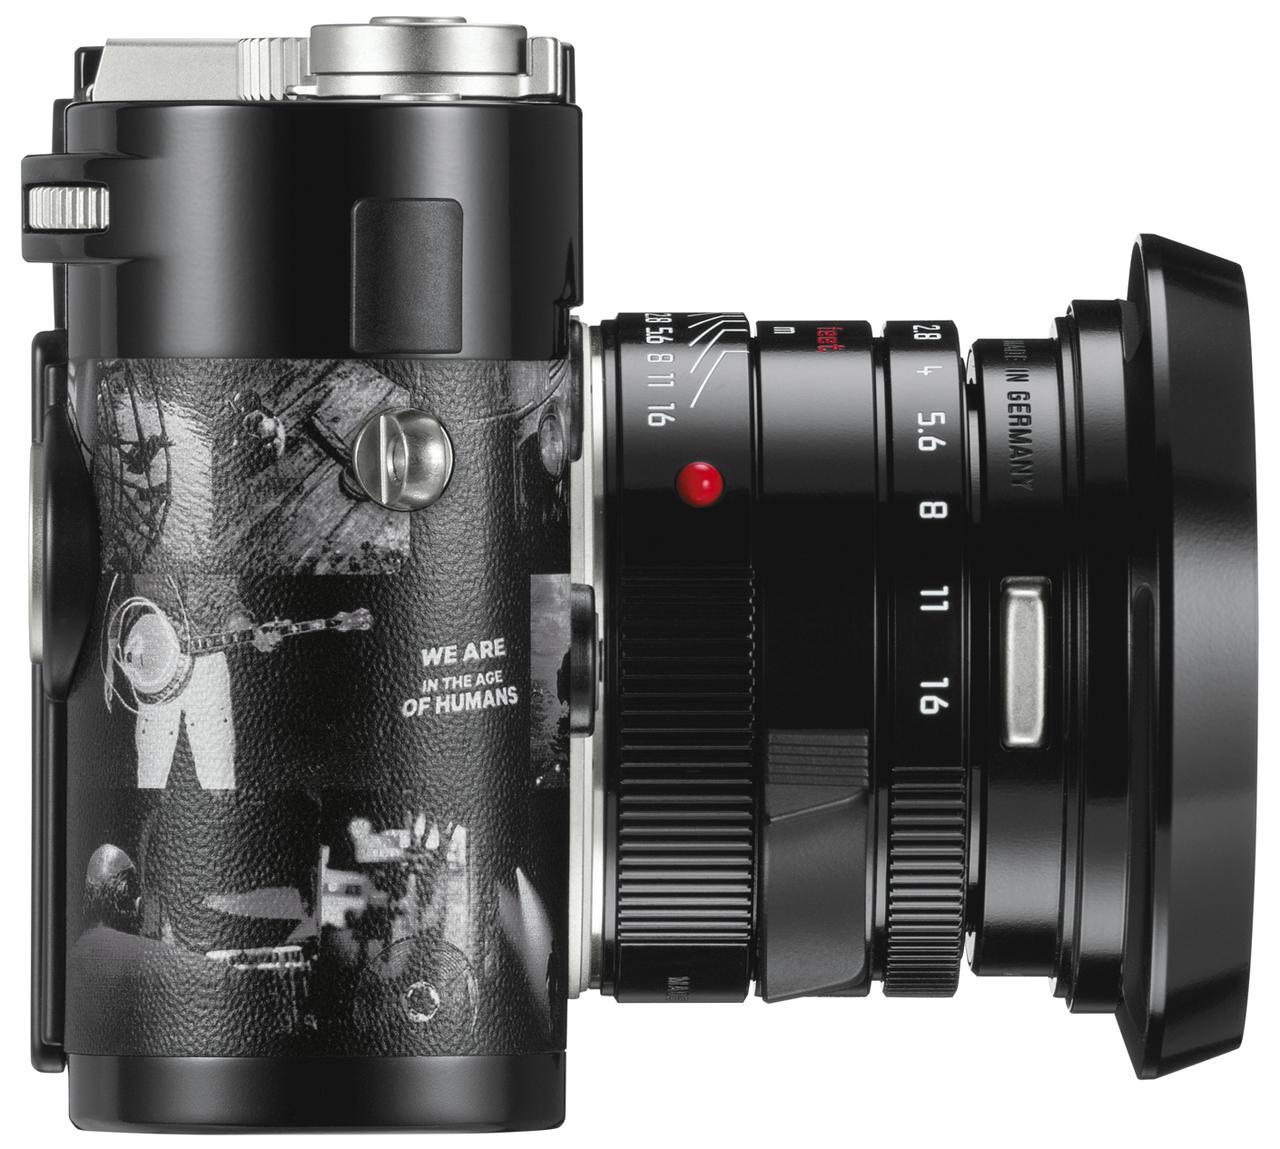 画像: セットレンズはライカ ズミクロンM f2/35mm ASPH.。